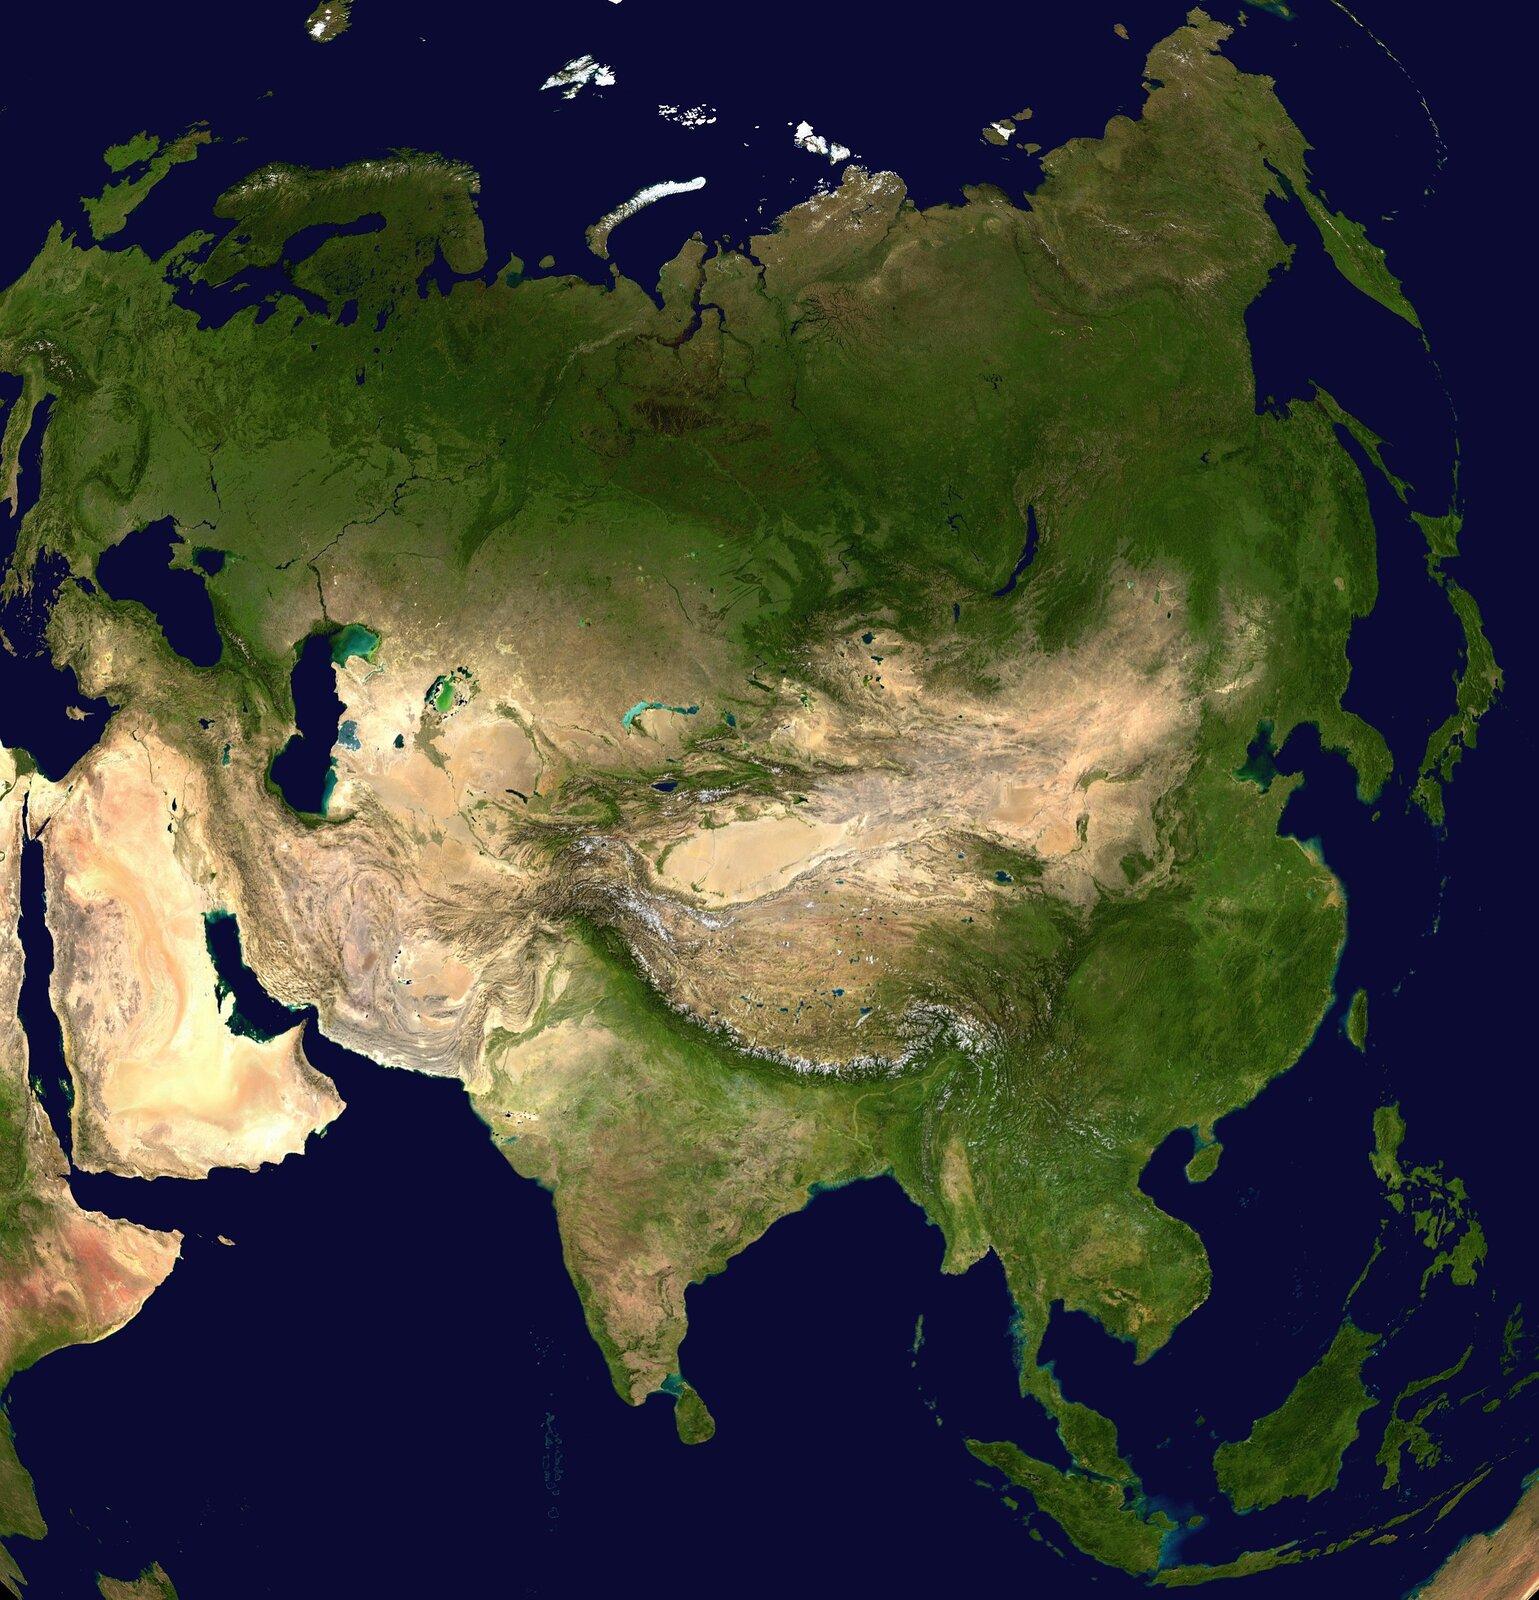 Ilustracja prezentuje mapę Eurazji. Kolorem zielonym oznaczono tereny nizinne, kolorem jasnobrązowym tereny wyżynne. Widać łańcuch Himalajów wpostaci grubego ciemnoszarego pasa onierównych brzegach.